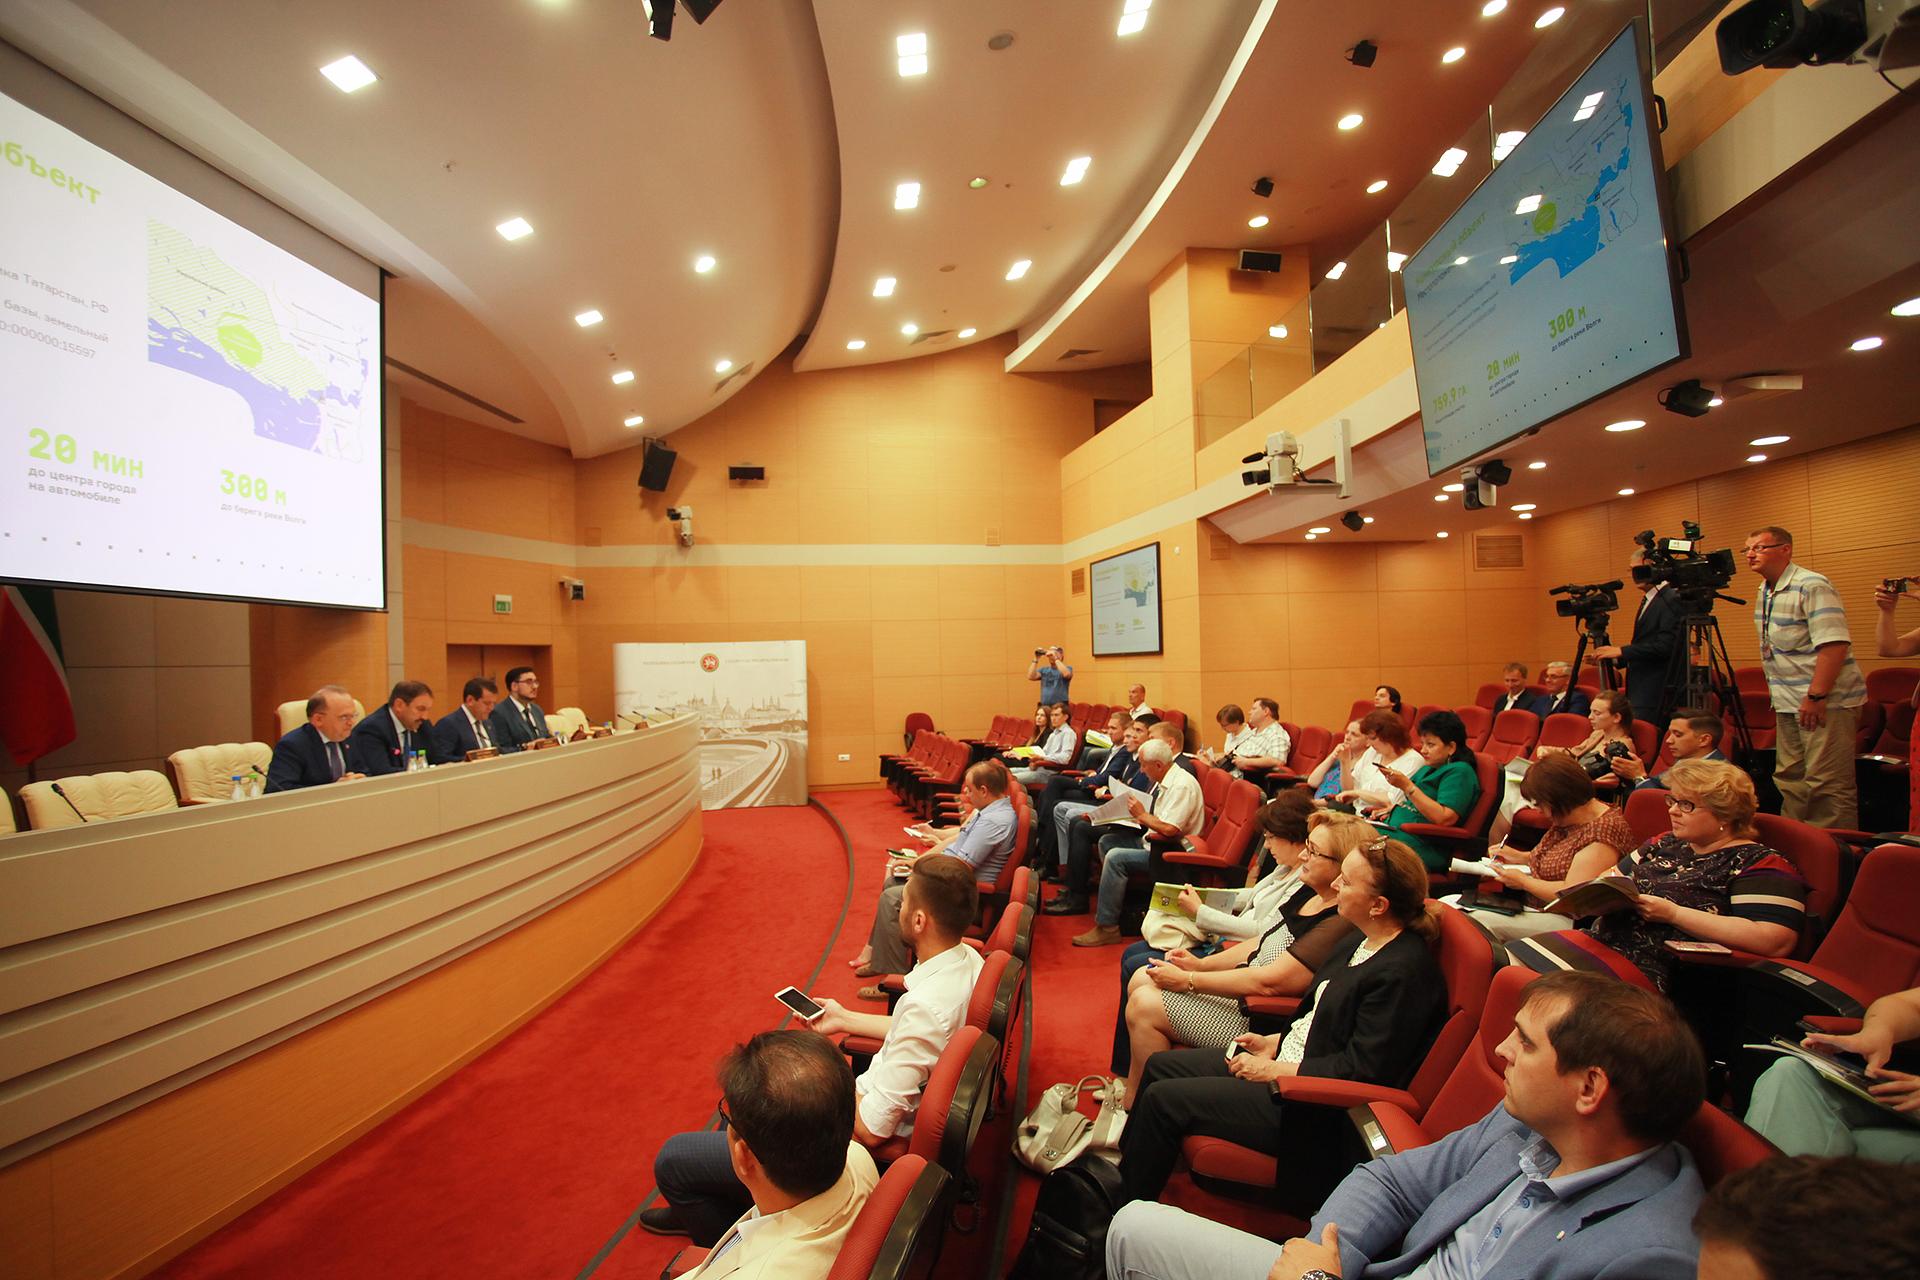 Правительство Республики Татарстан объявило конкурс на разработку концепции и мастер-плана первого в Казани экорайона